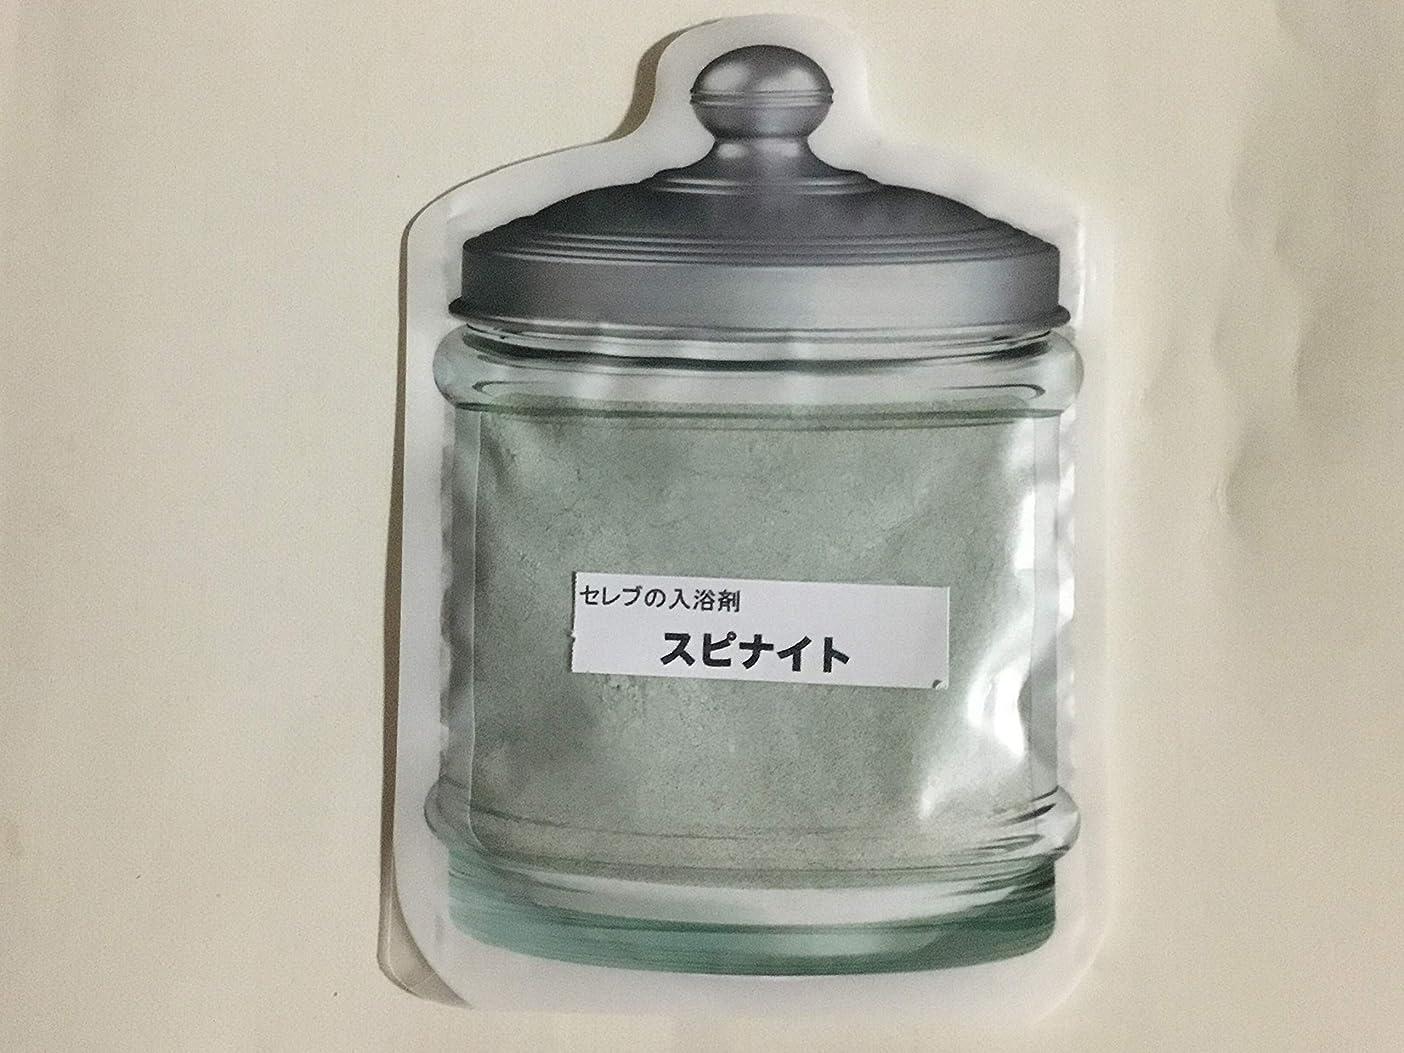 問い合わせプリーツデコレーションセレブの入浴剤「スピナイト」